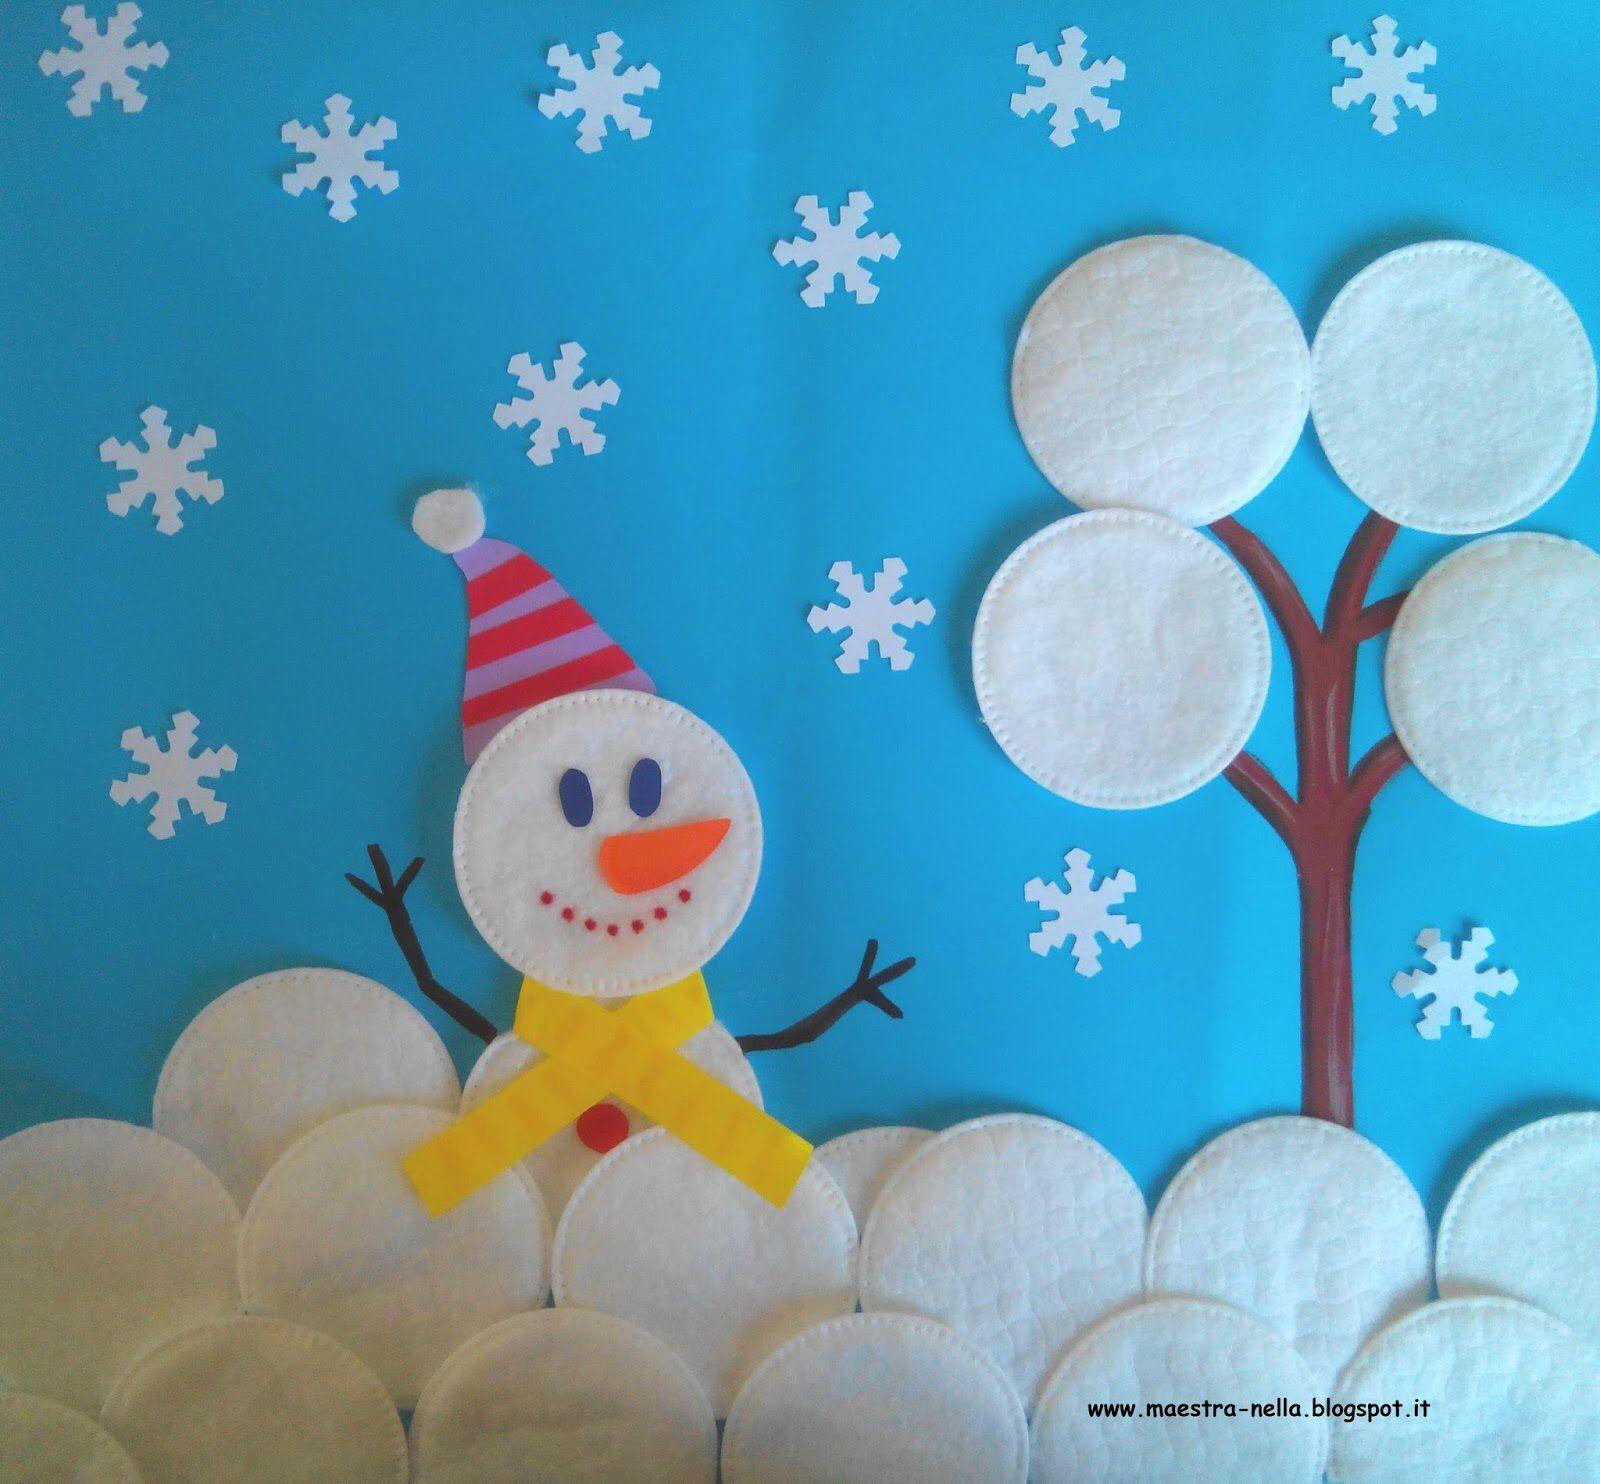 pin von christine sewkow auf winter pinterest basteln winter weihnachten und basteln. Black Bedroom Furniture Sets. Home Design Ideas